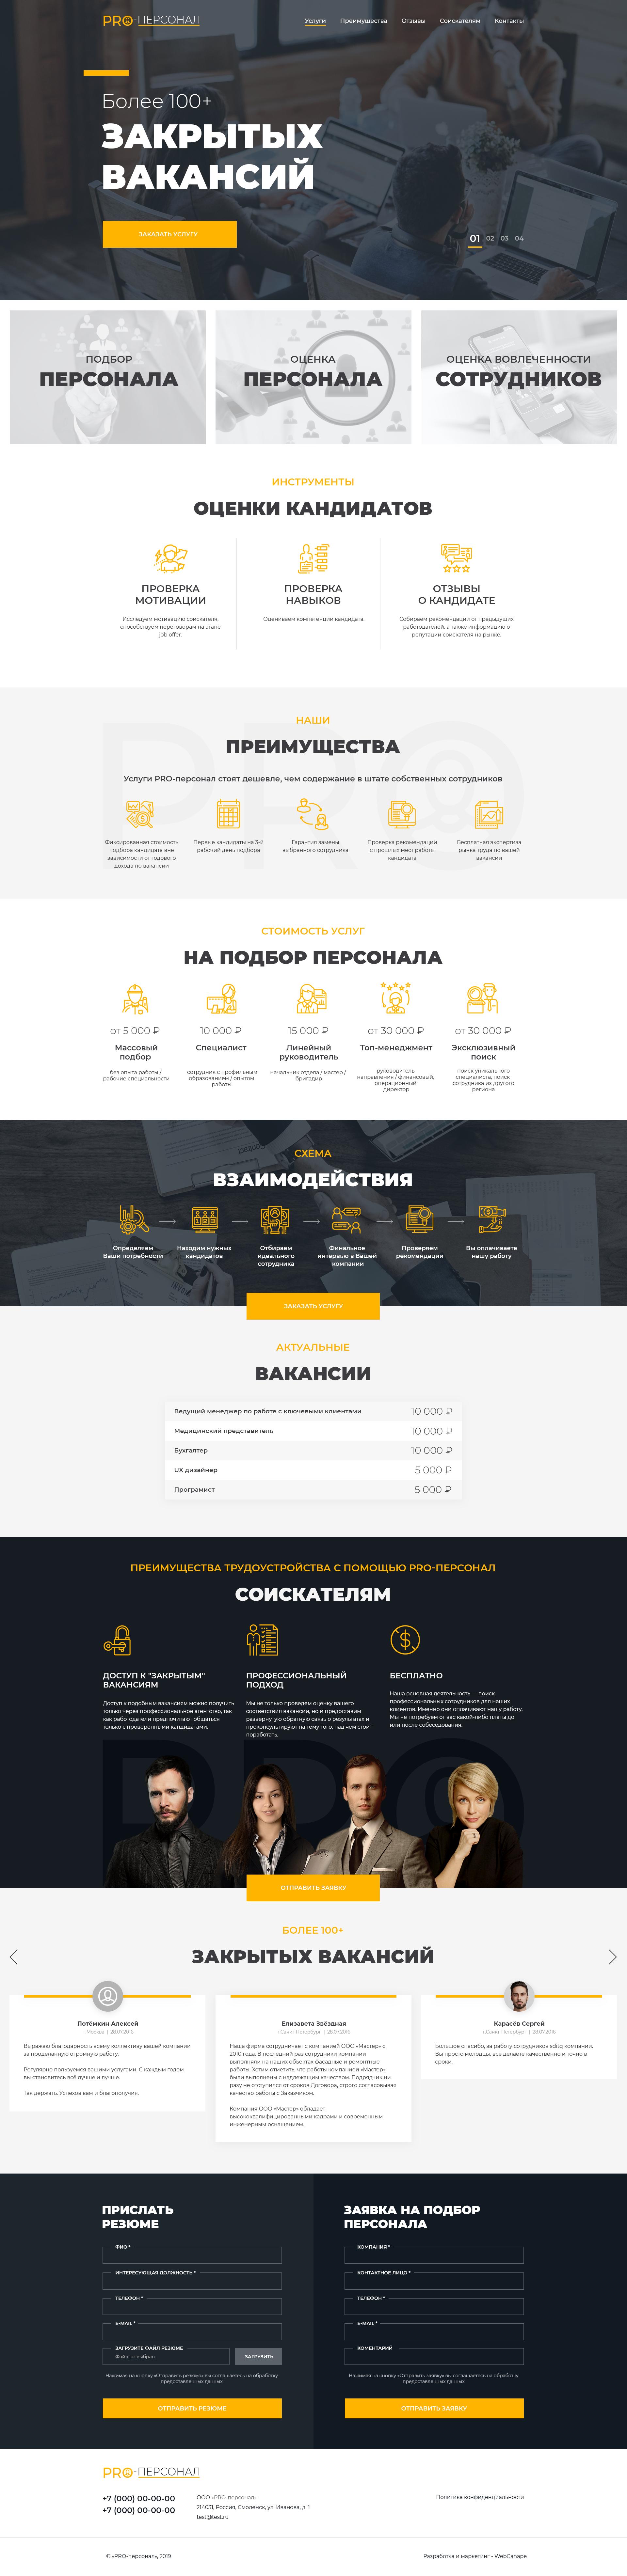 Создание сайта для компании ООО «PRO-персонал»